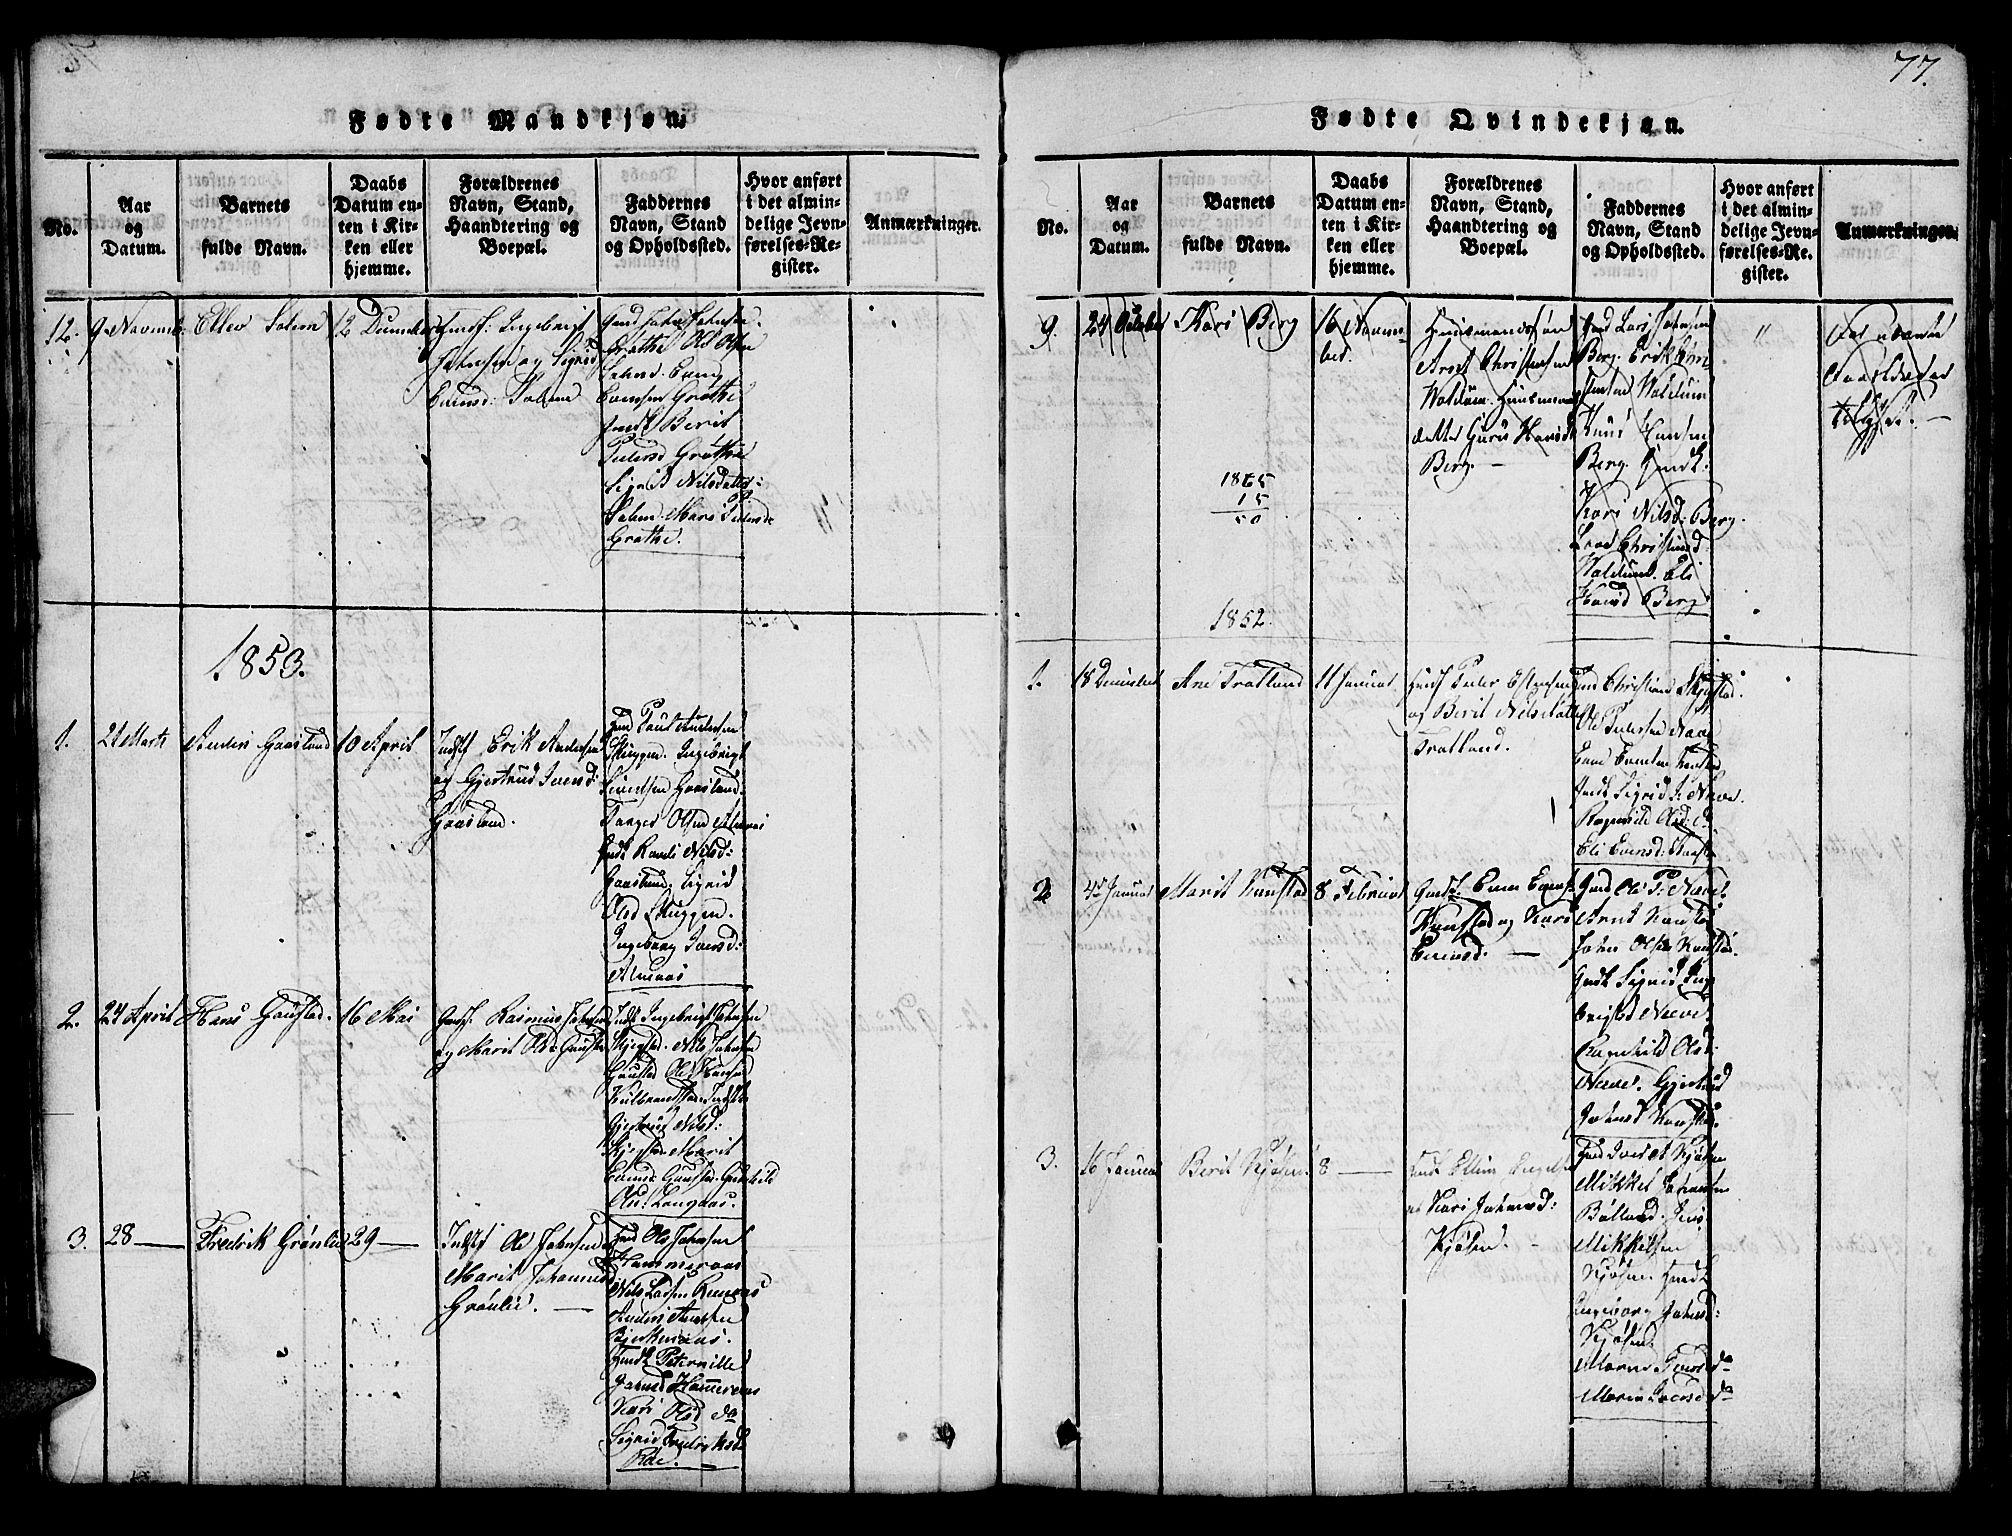 SAT, Ministerialprotokoller, klokkerbøker og fødselsregistre - Sør-Trøndelag, 694/L1130: Klokkerbok nr. 694C02, 1816-1857, s. 77